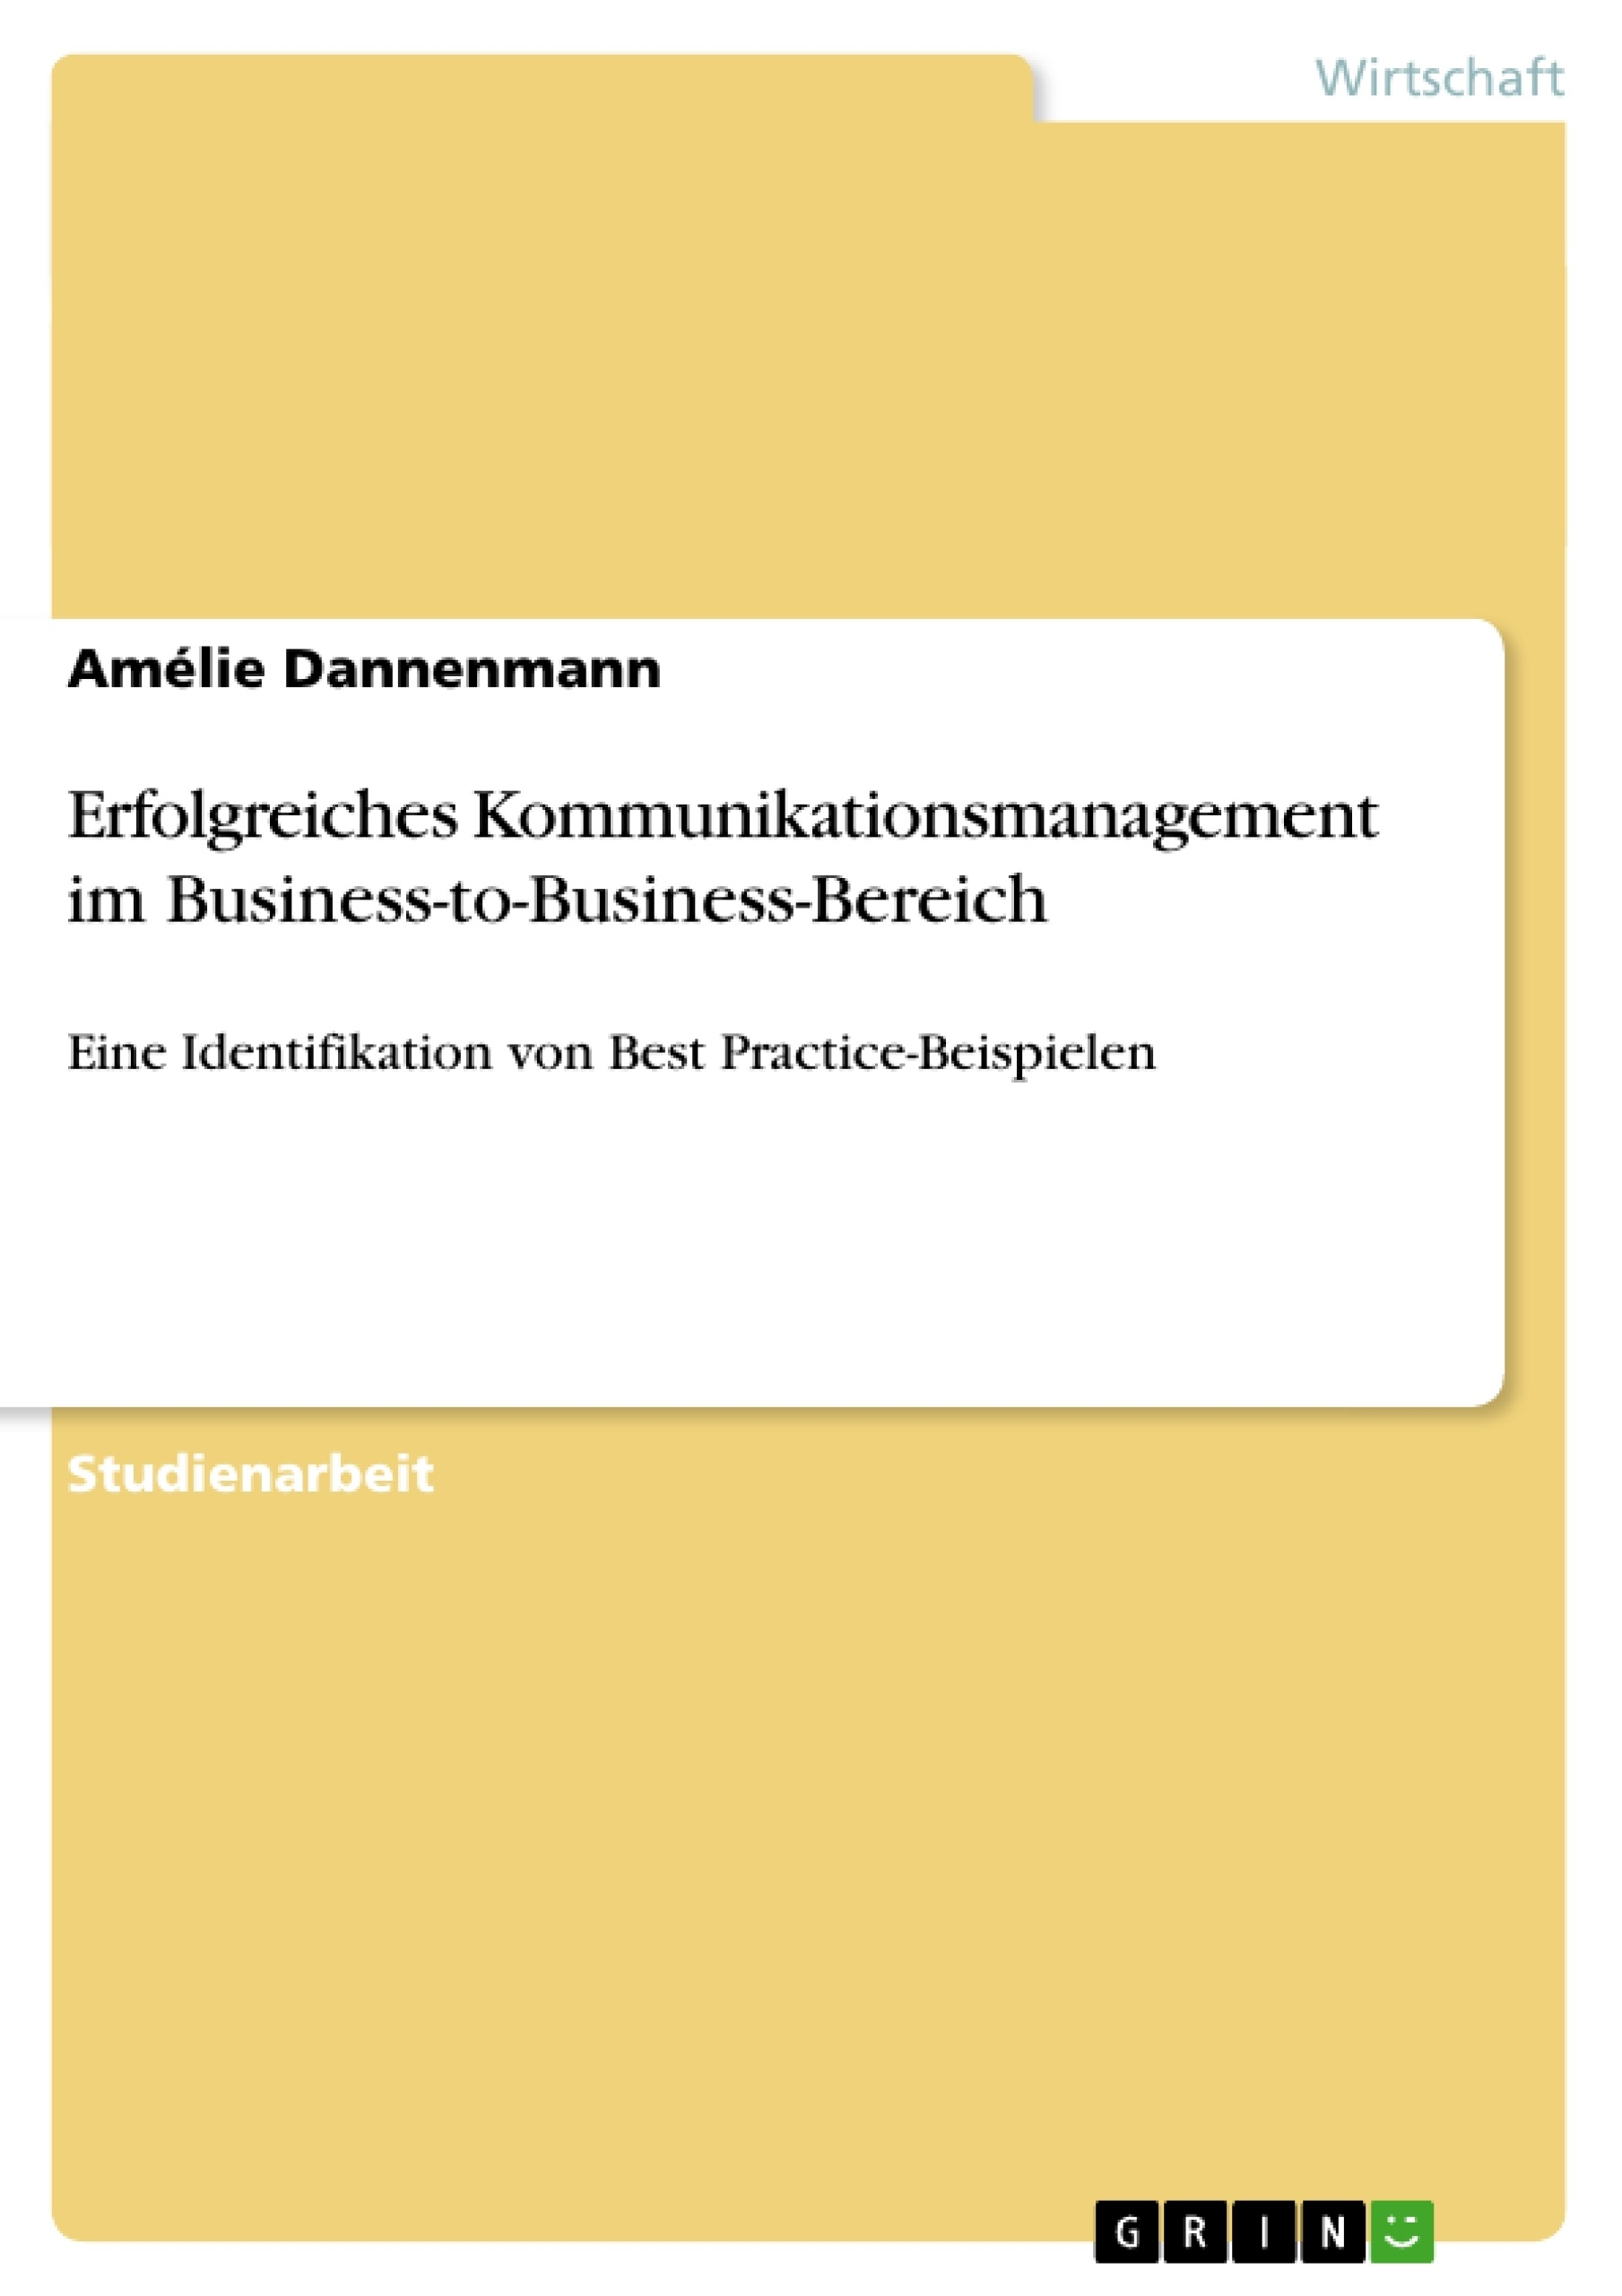 Titel: Erfolgreiches Kommunikationsmanagement im Business-to-Business-Bereich